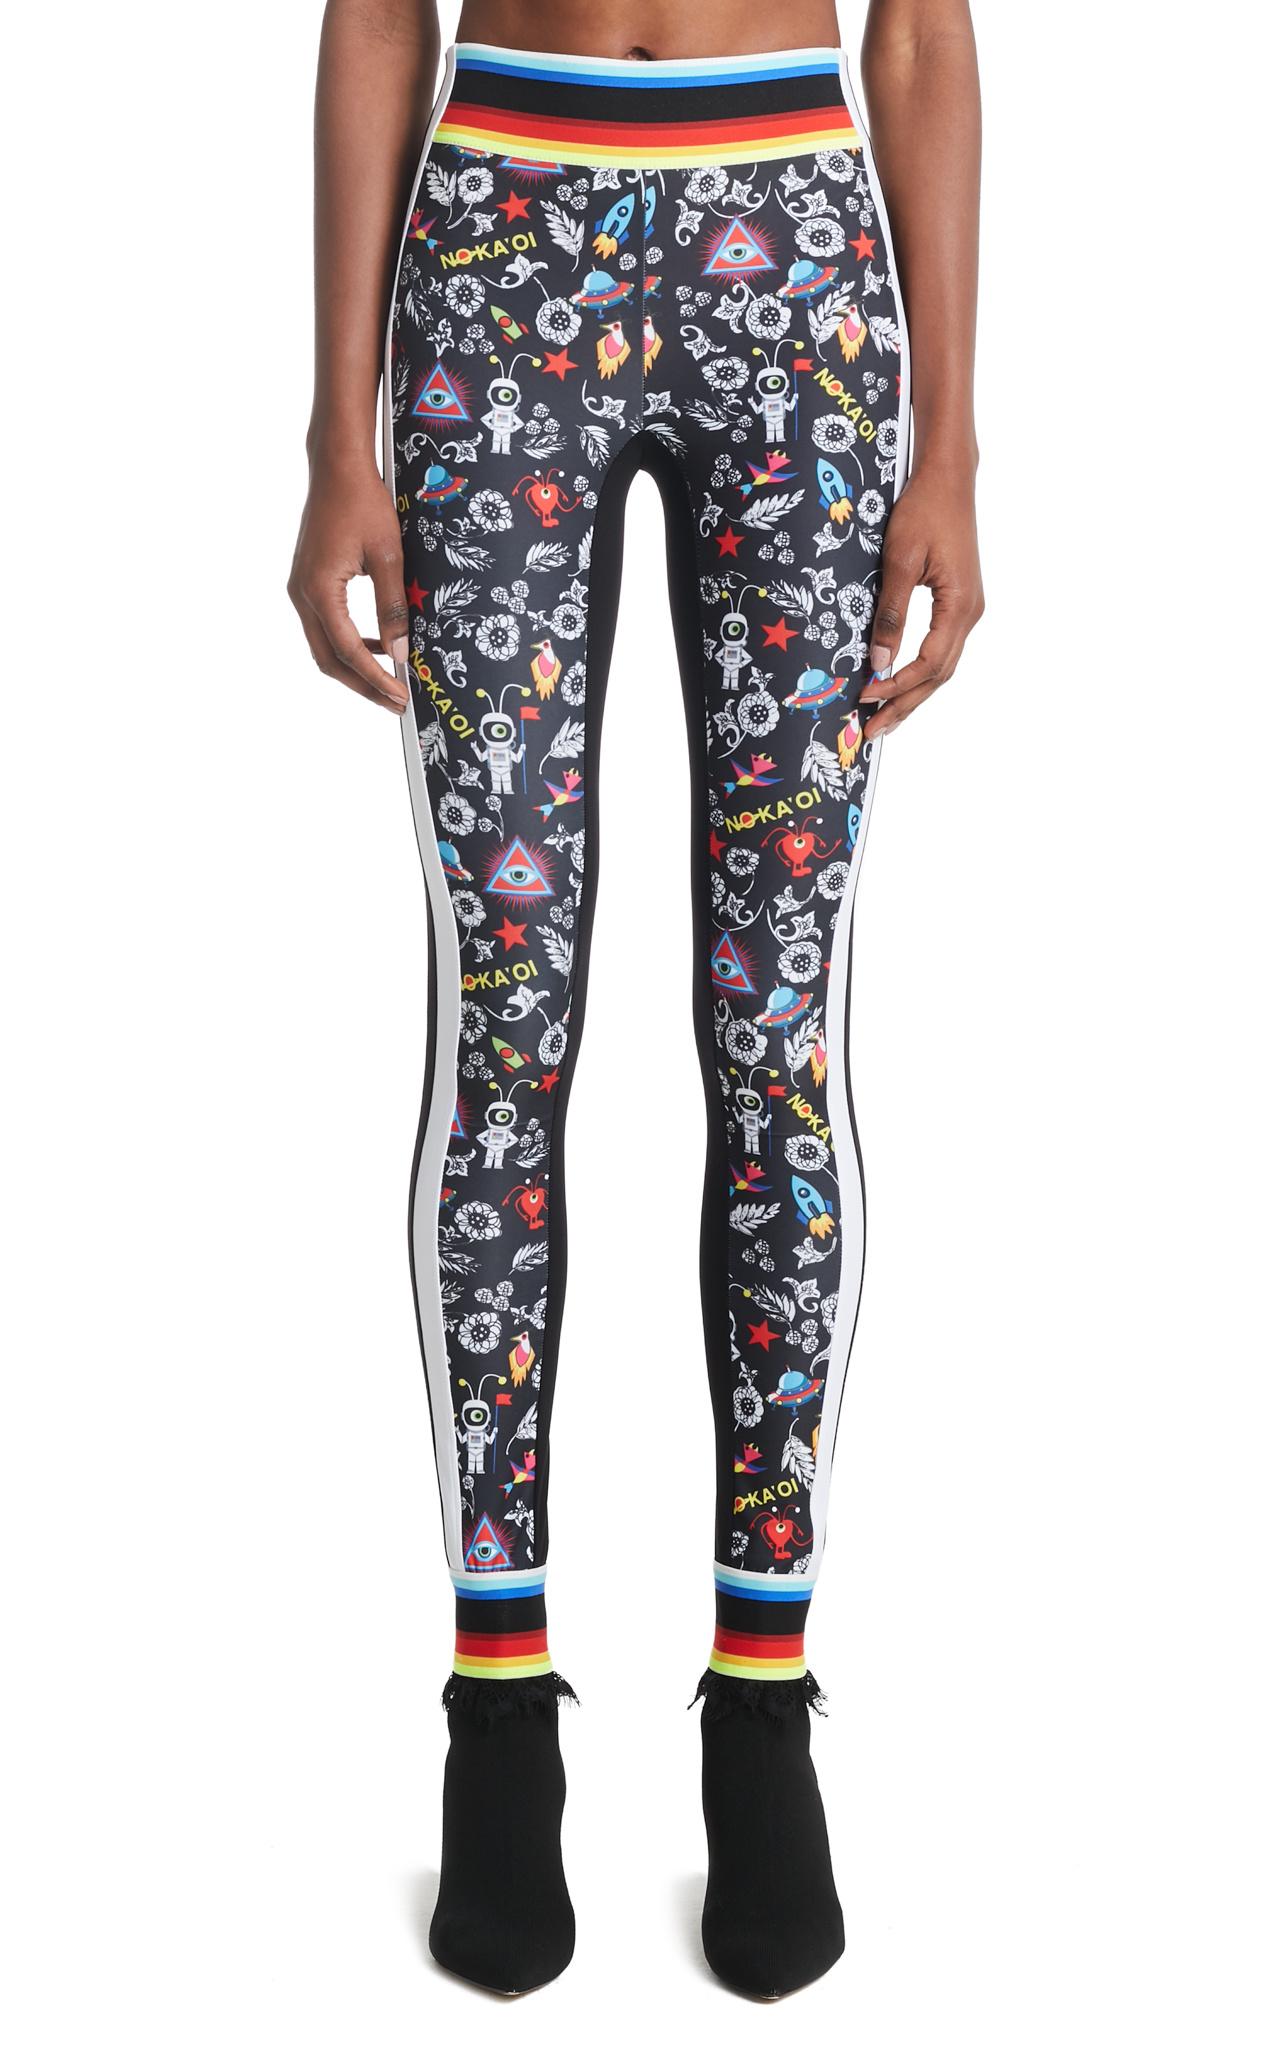 NO KA'OI Cosmic leggings